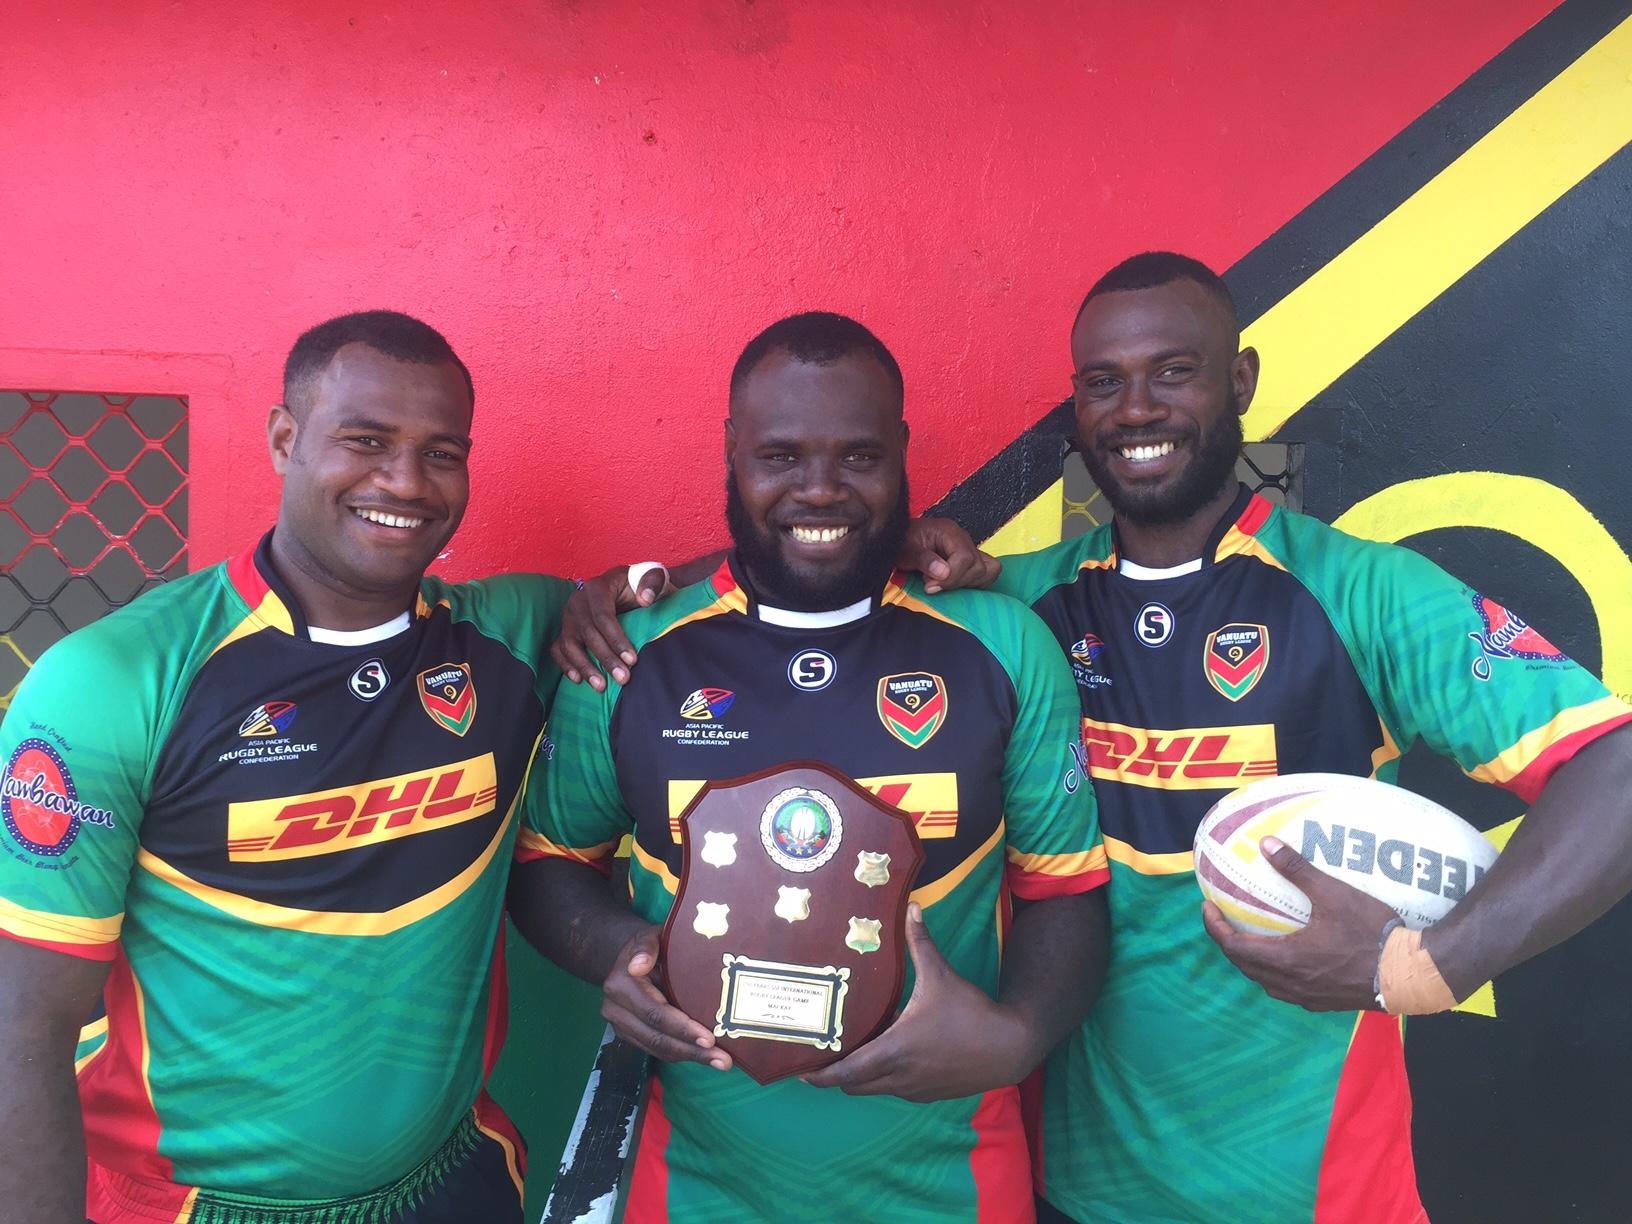 Vanuatu and Solomon Islands to play for Joe Bomal Memorial Trophy